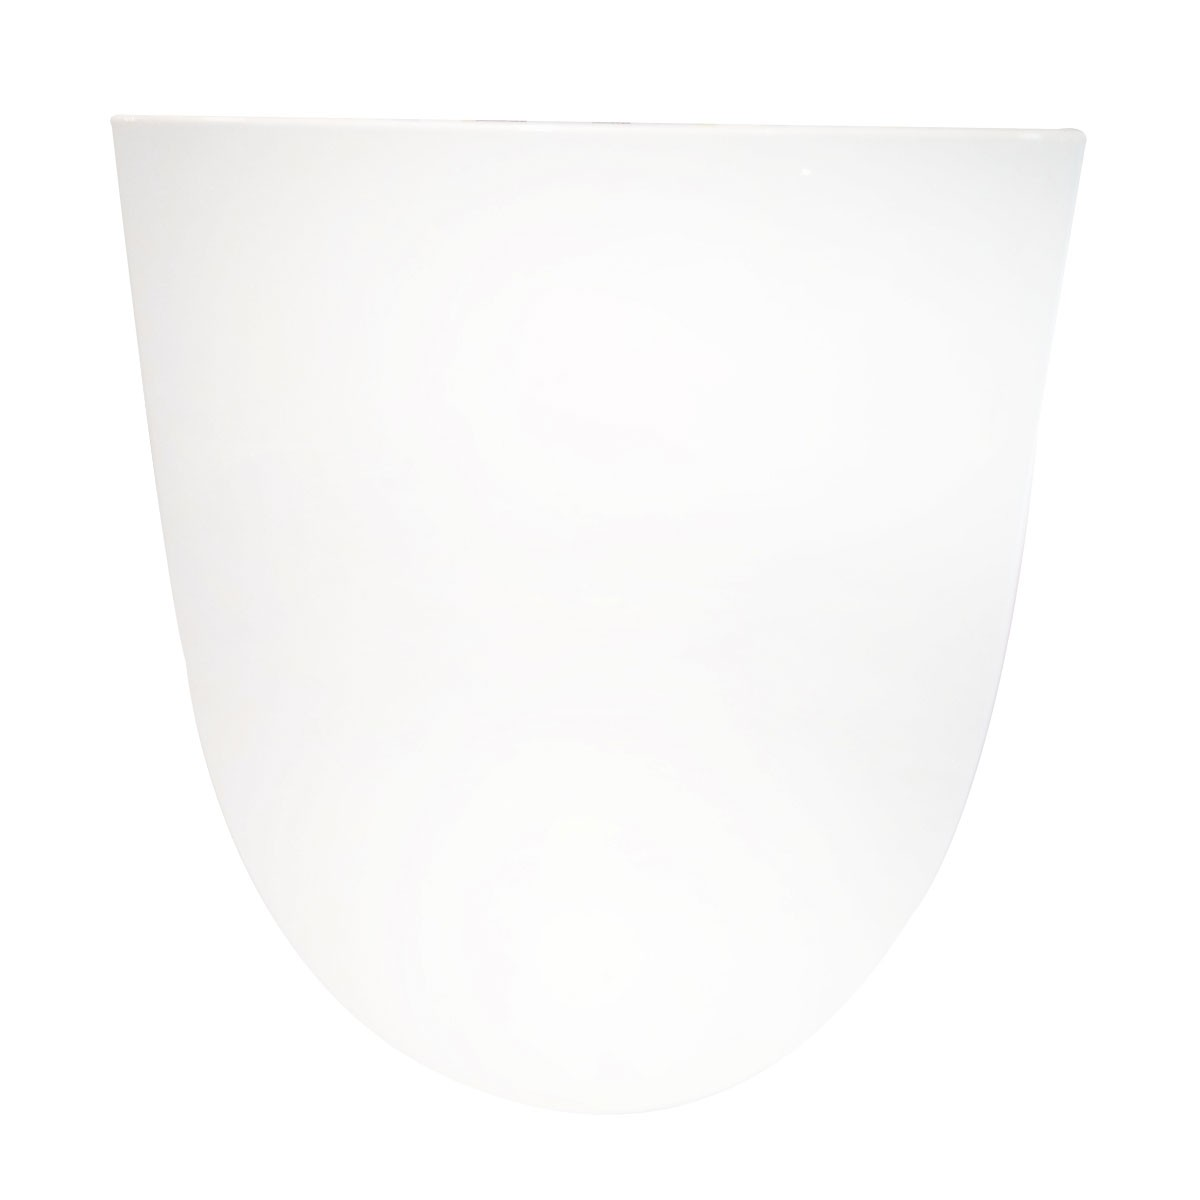 Siège de Toilette Blanc à Fermeture Douce avec Couvercle en PP (DK-CL-059)